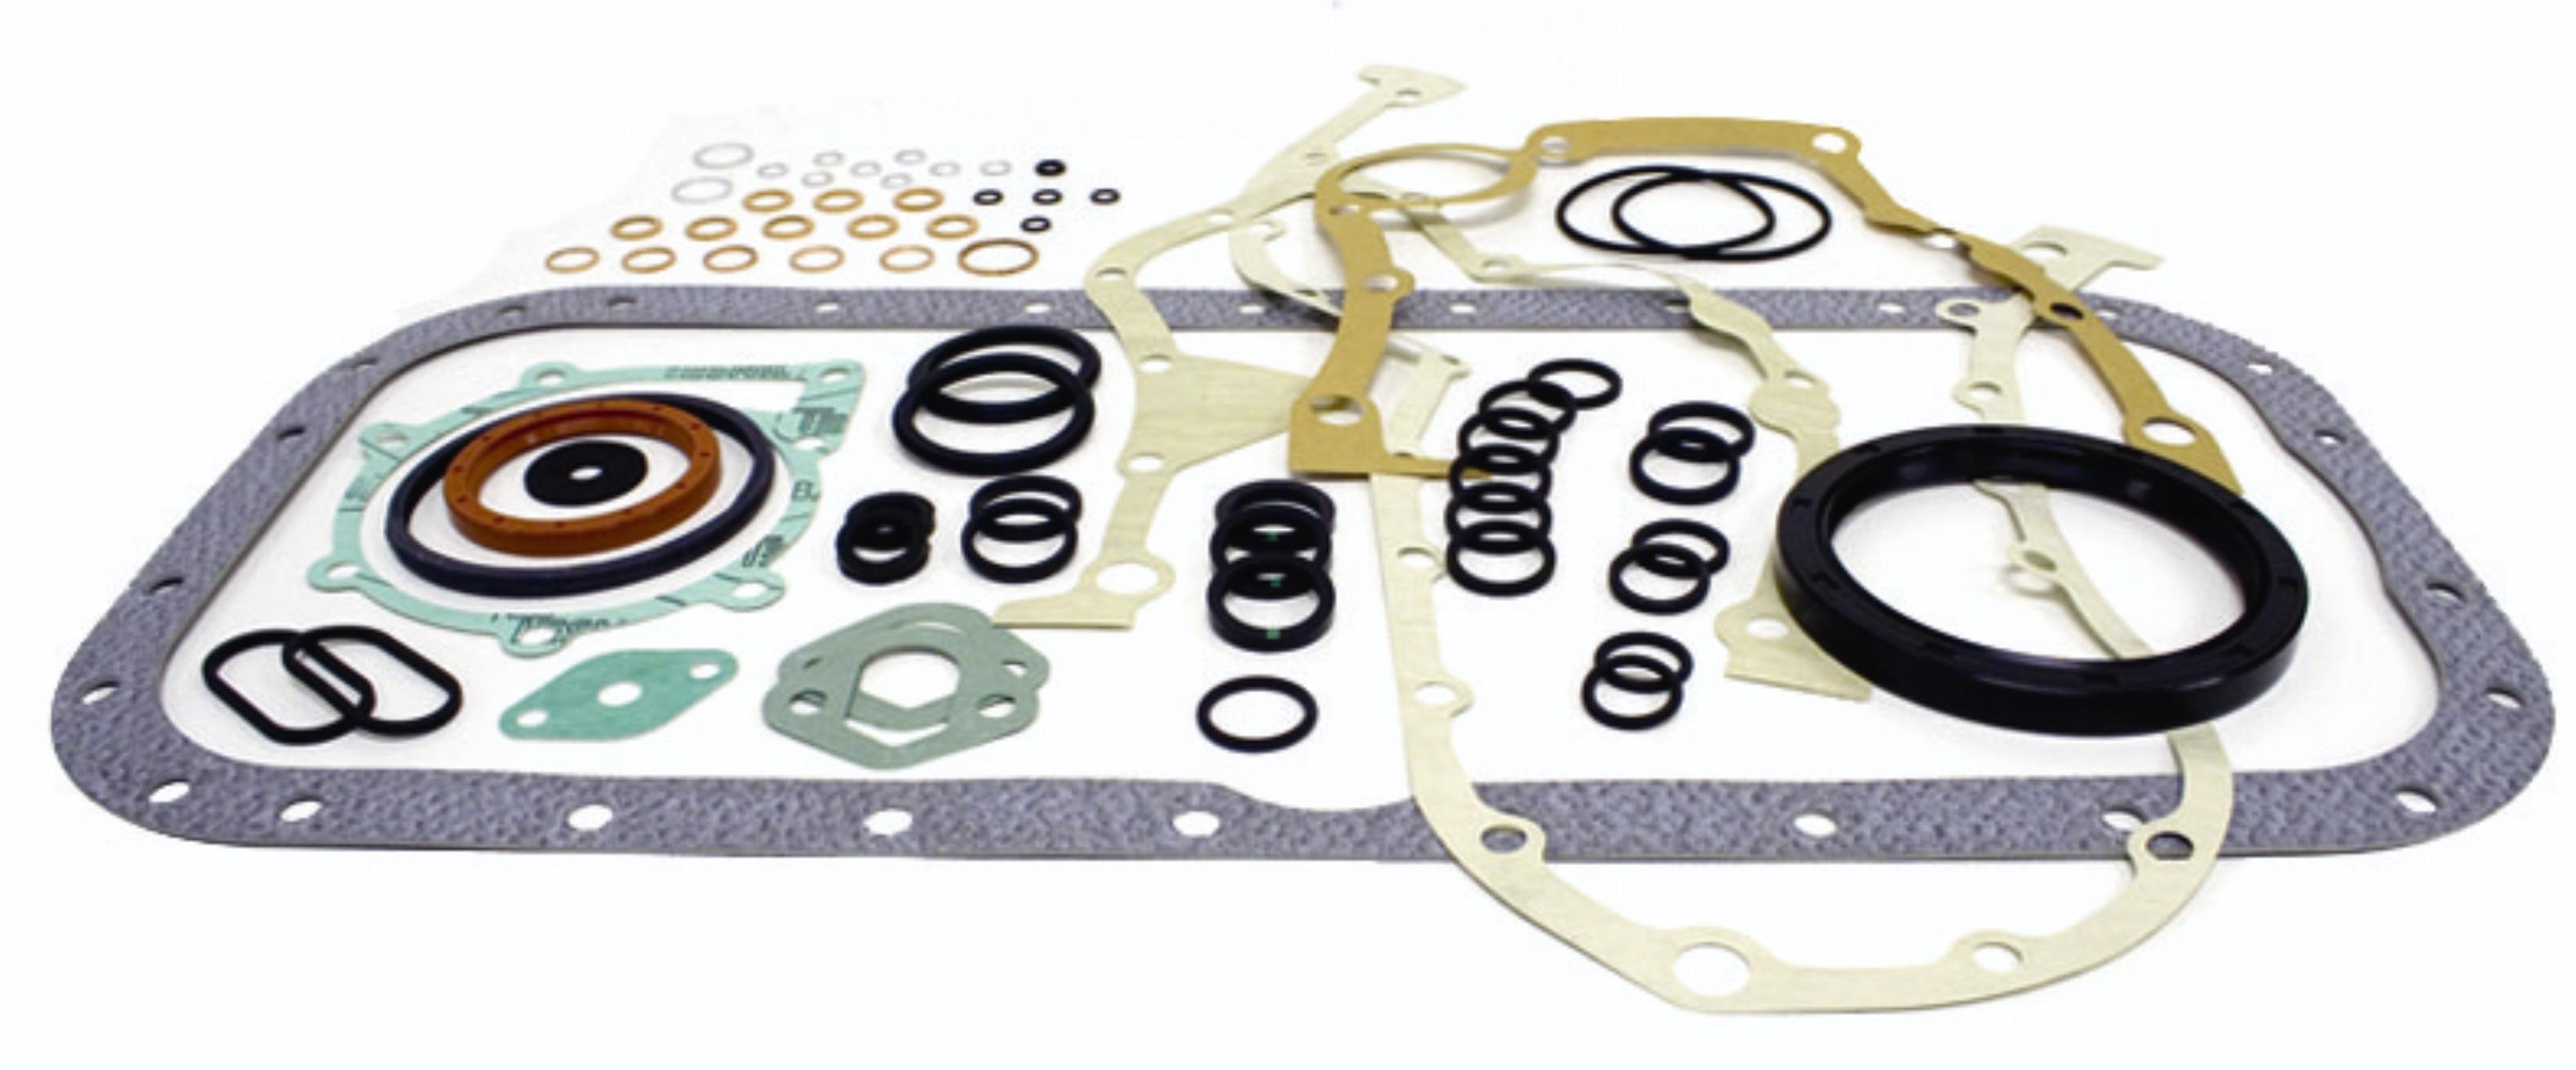 Tilläggssats till Volvo Penta 31-, 32-motorer (21361)